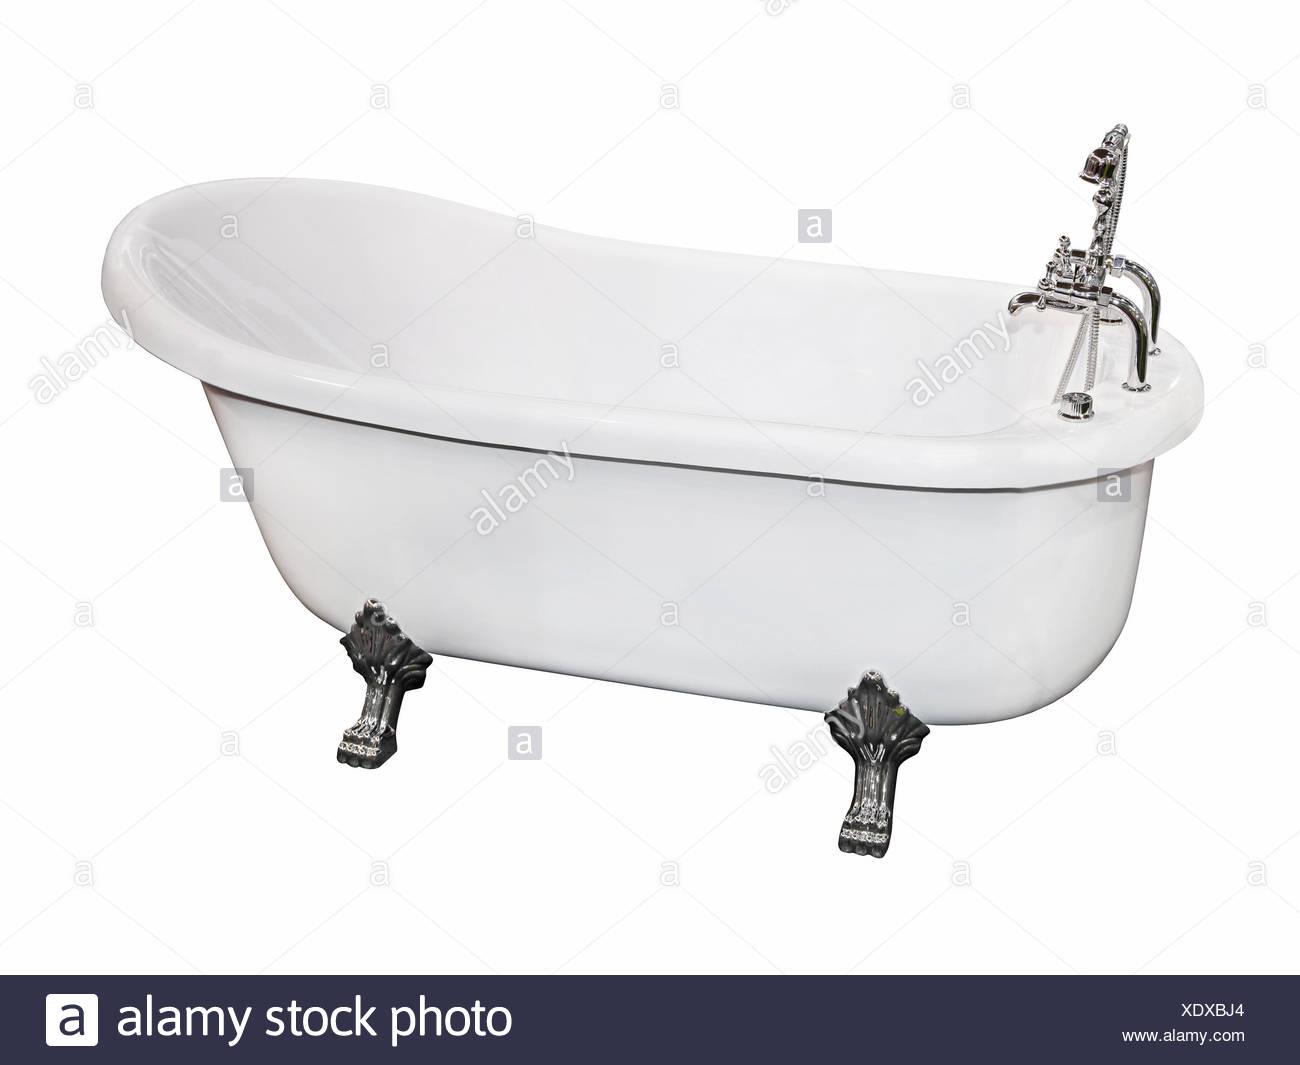 isolated, vintage, bath tub, tub, bathtub, retro, faucet, white ...